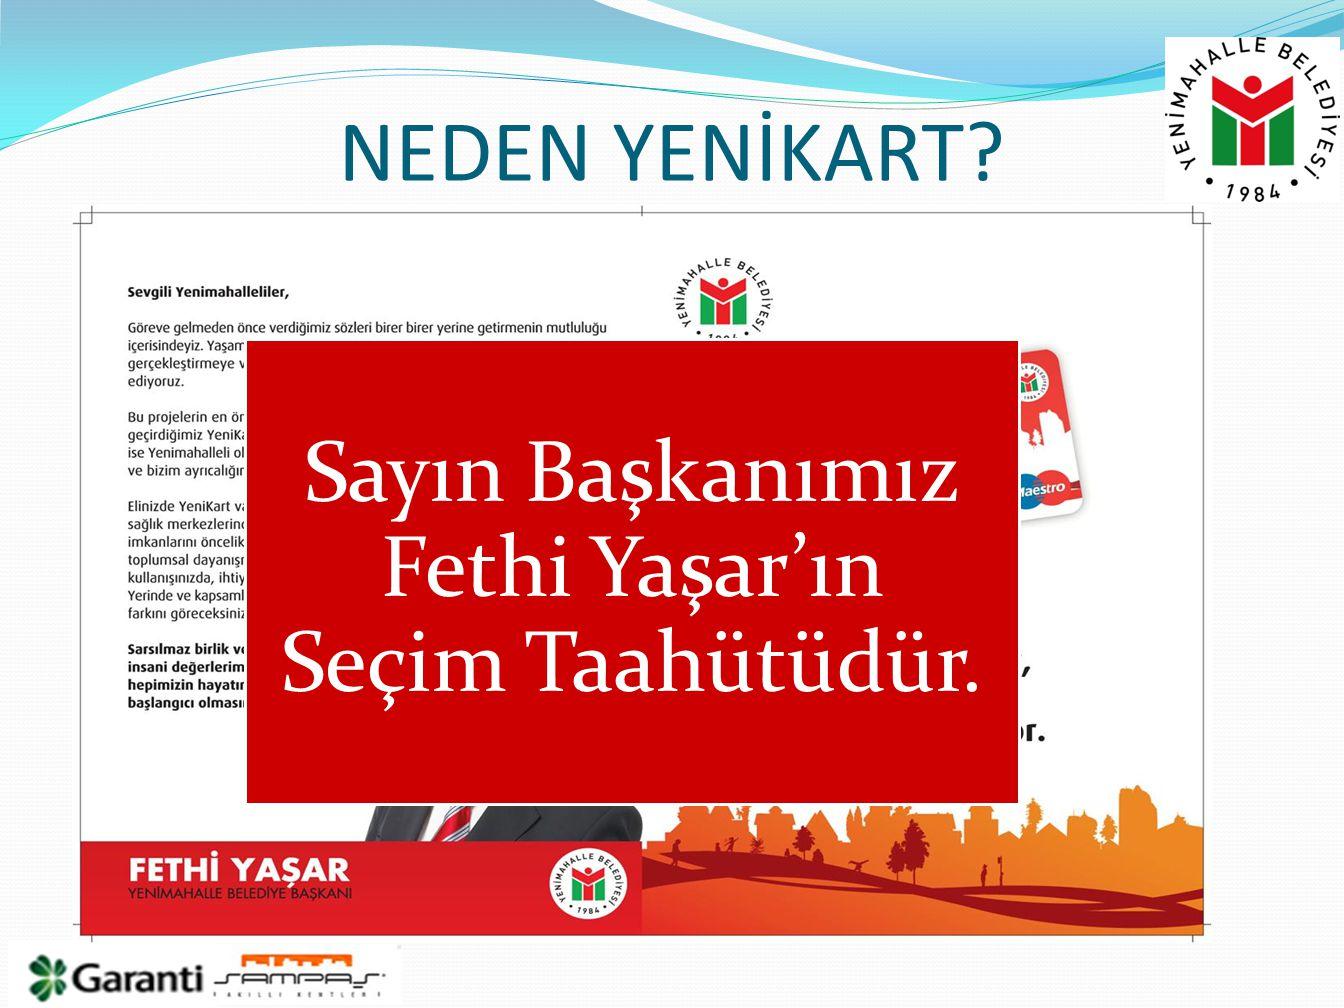 NEDEN YENİKART? Sayın Başkanımız Fethi Yaşar'ın Seçim Taahütüdür.